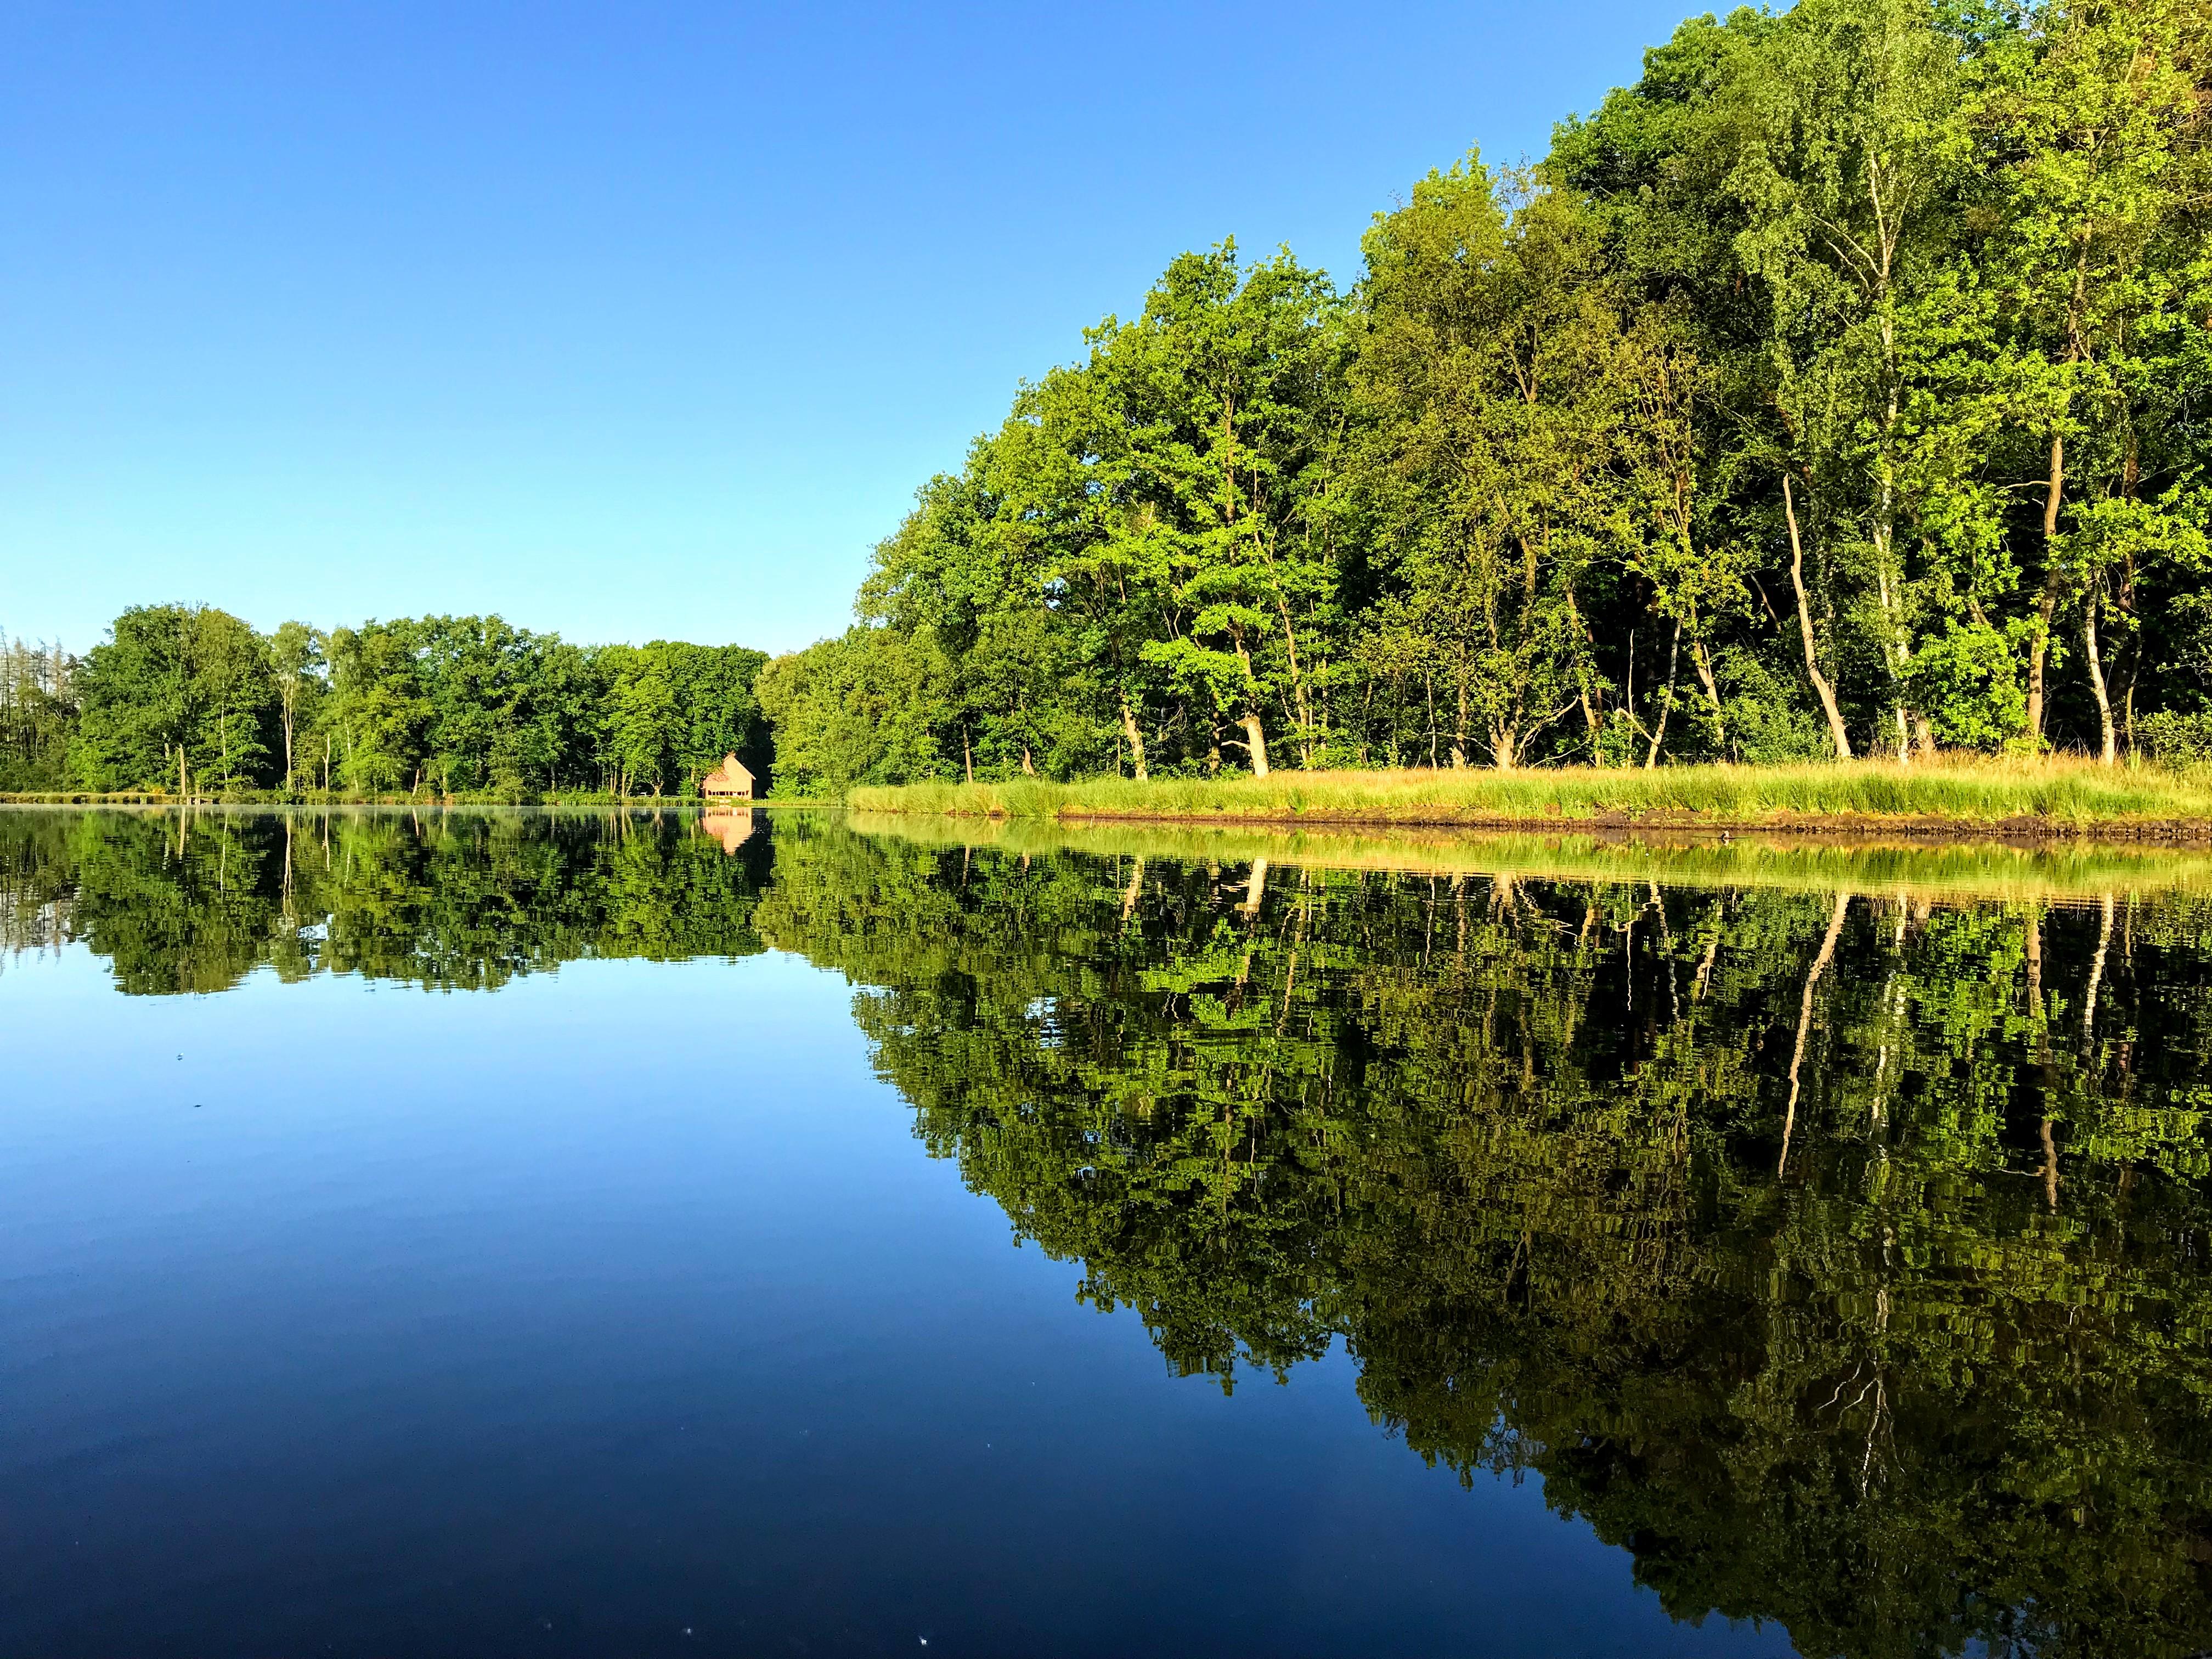 Waterspiegel - een mooie weerspiegeling in het wateroppervlak